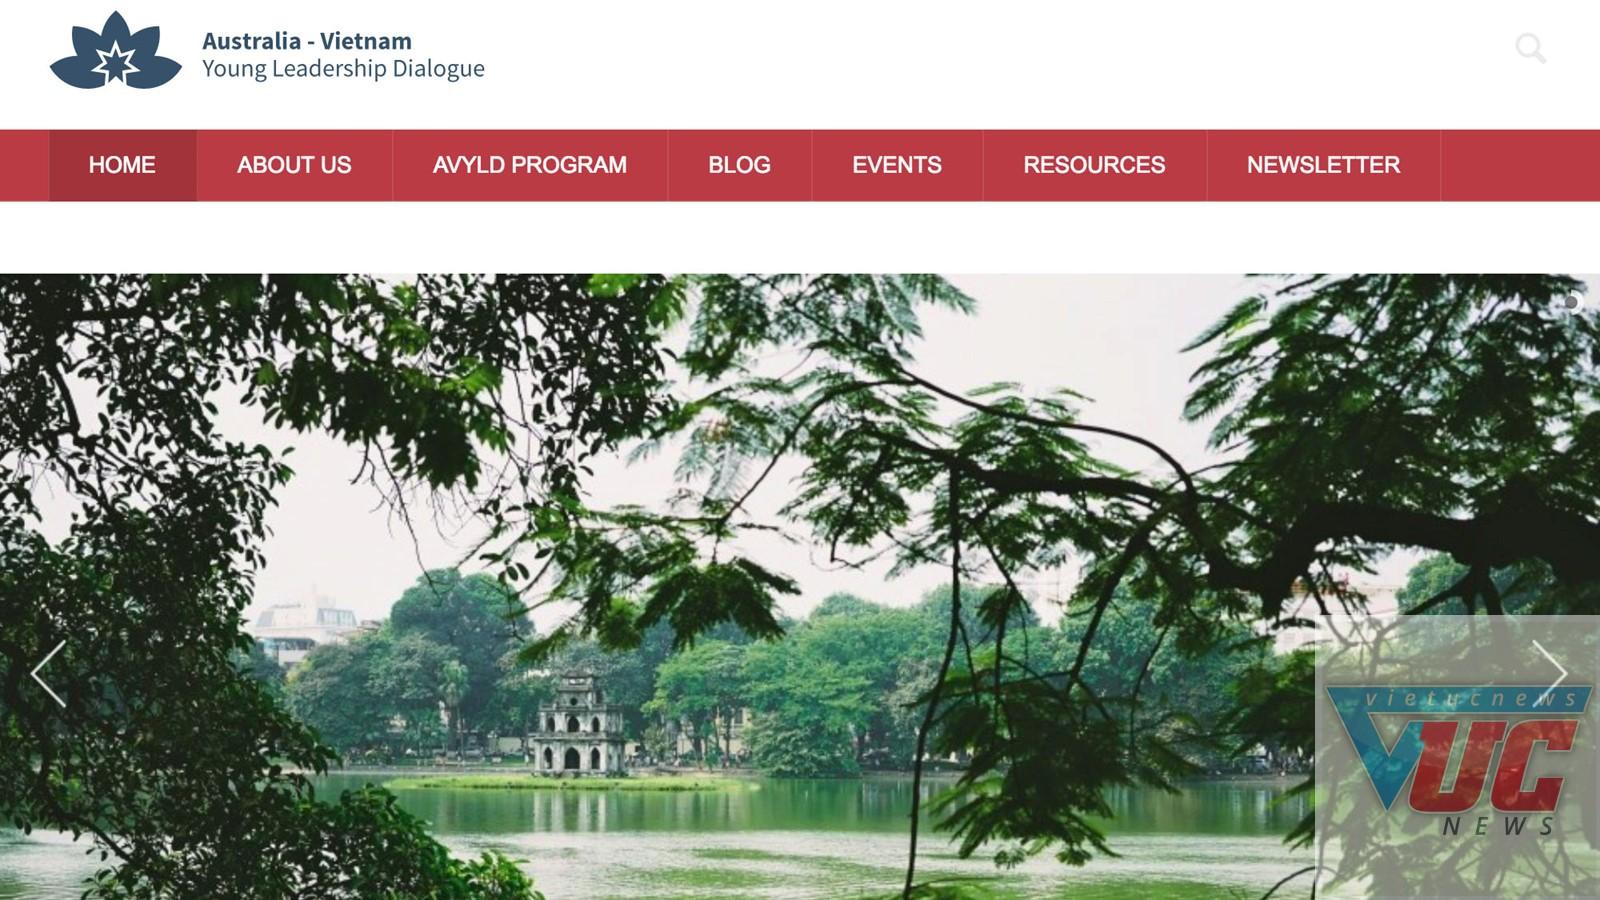 Trang web của Diễn đàn Đối thoại lãnh đạo trẻ Việt - Úc